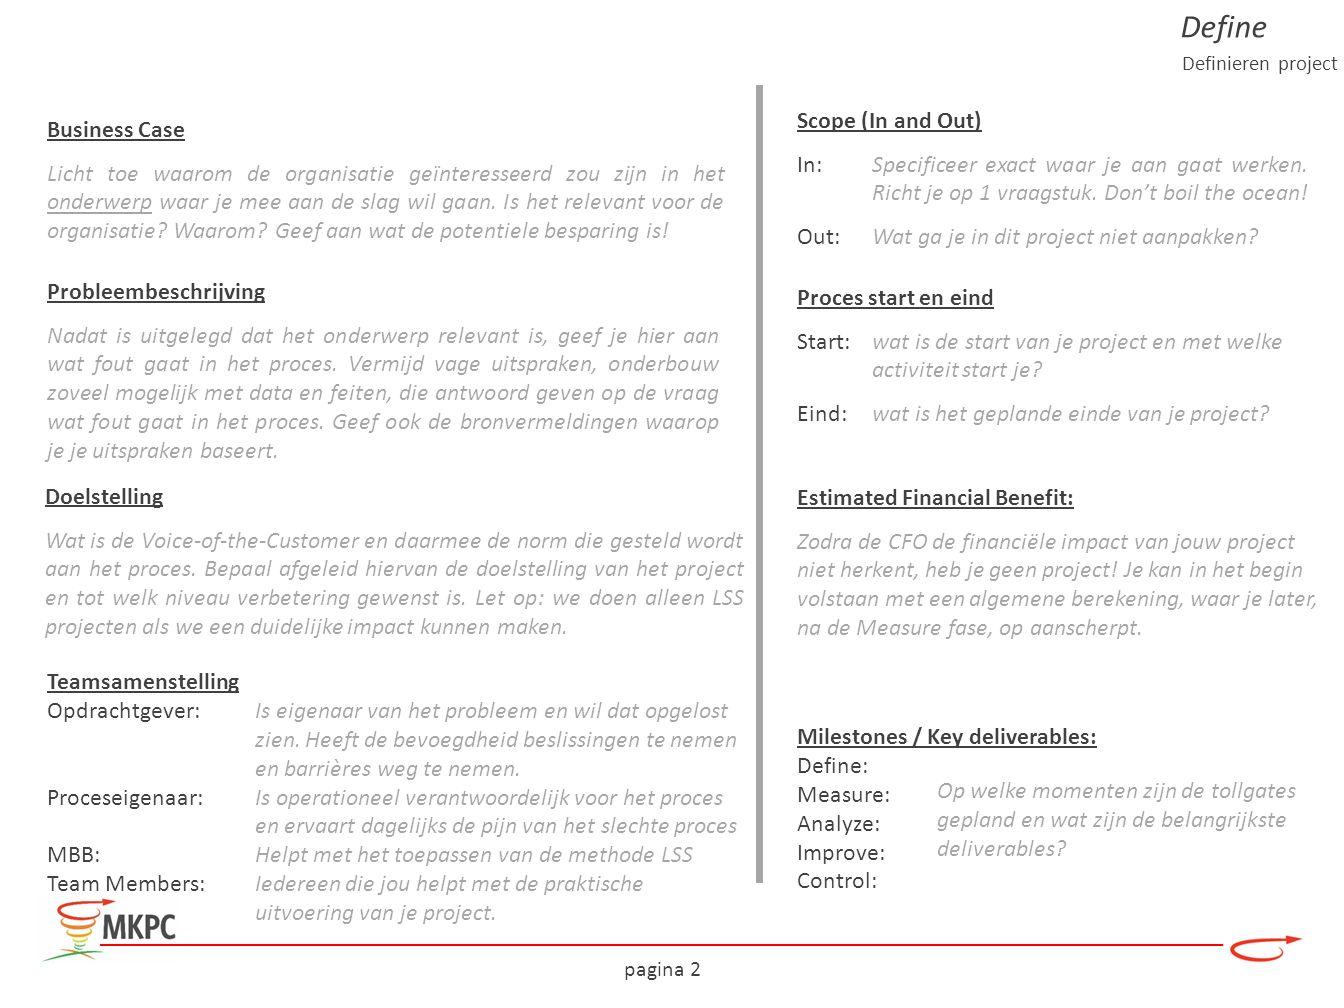 pagina 3 Specificatie van de Y: y:operationele definitie van de Y (de te meten parameter, die jij wilt verbeteren) – Wat en hoe wil je meten.